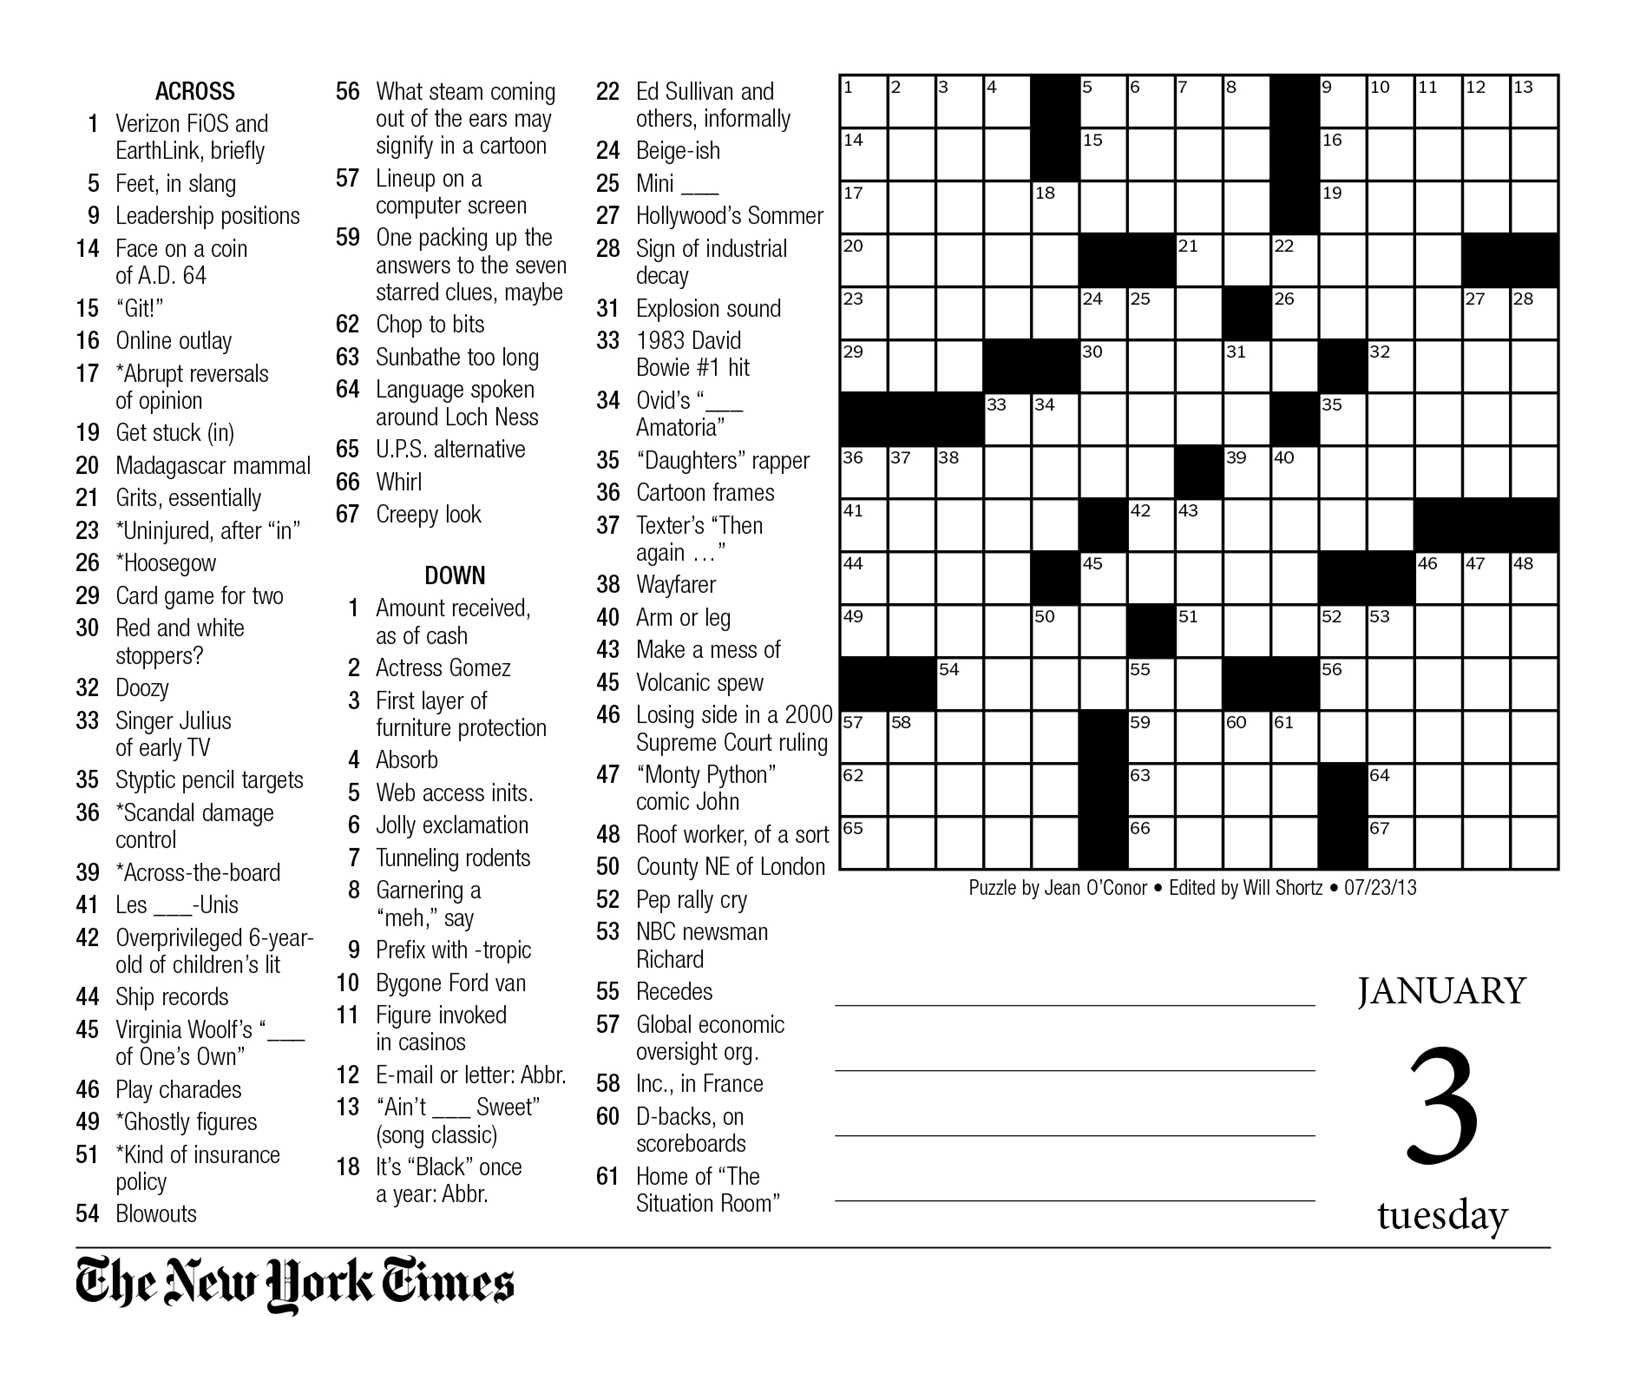 Crosswords Sunday Crossword Puzzle Printable ~ Themarketonholly - Printable Ny Times Sunday Crossword Puzzles